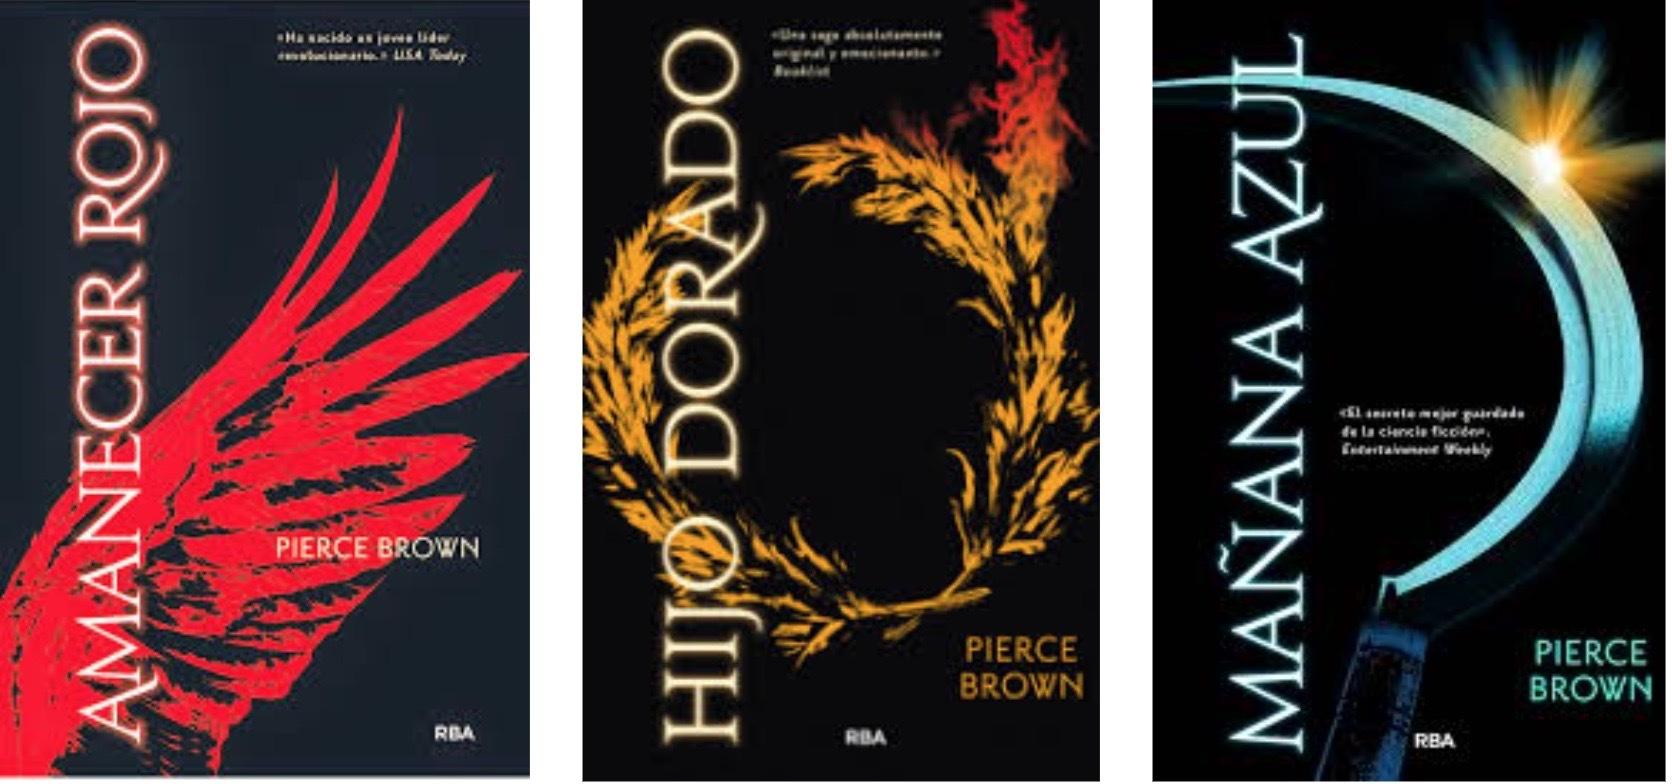 La trilogía Amanecer Rojo de Pierce Brown no finalizará la historia